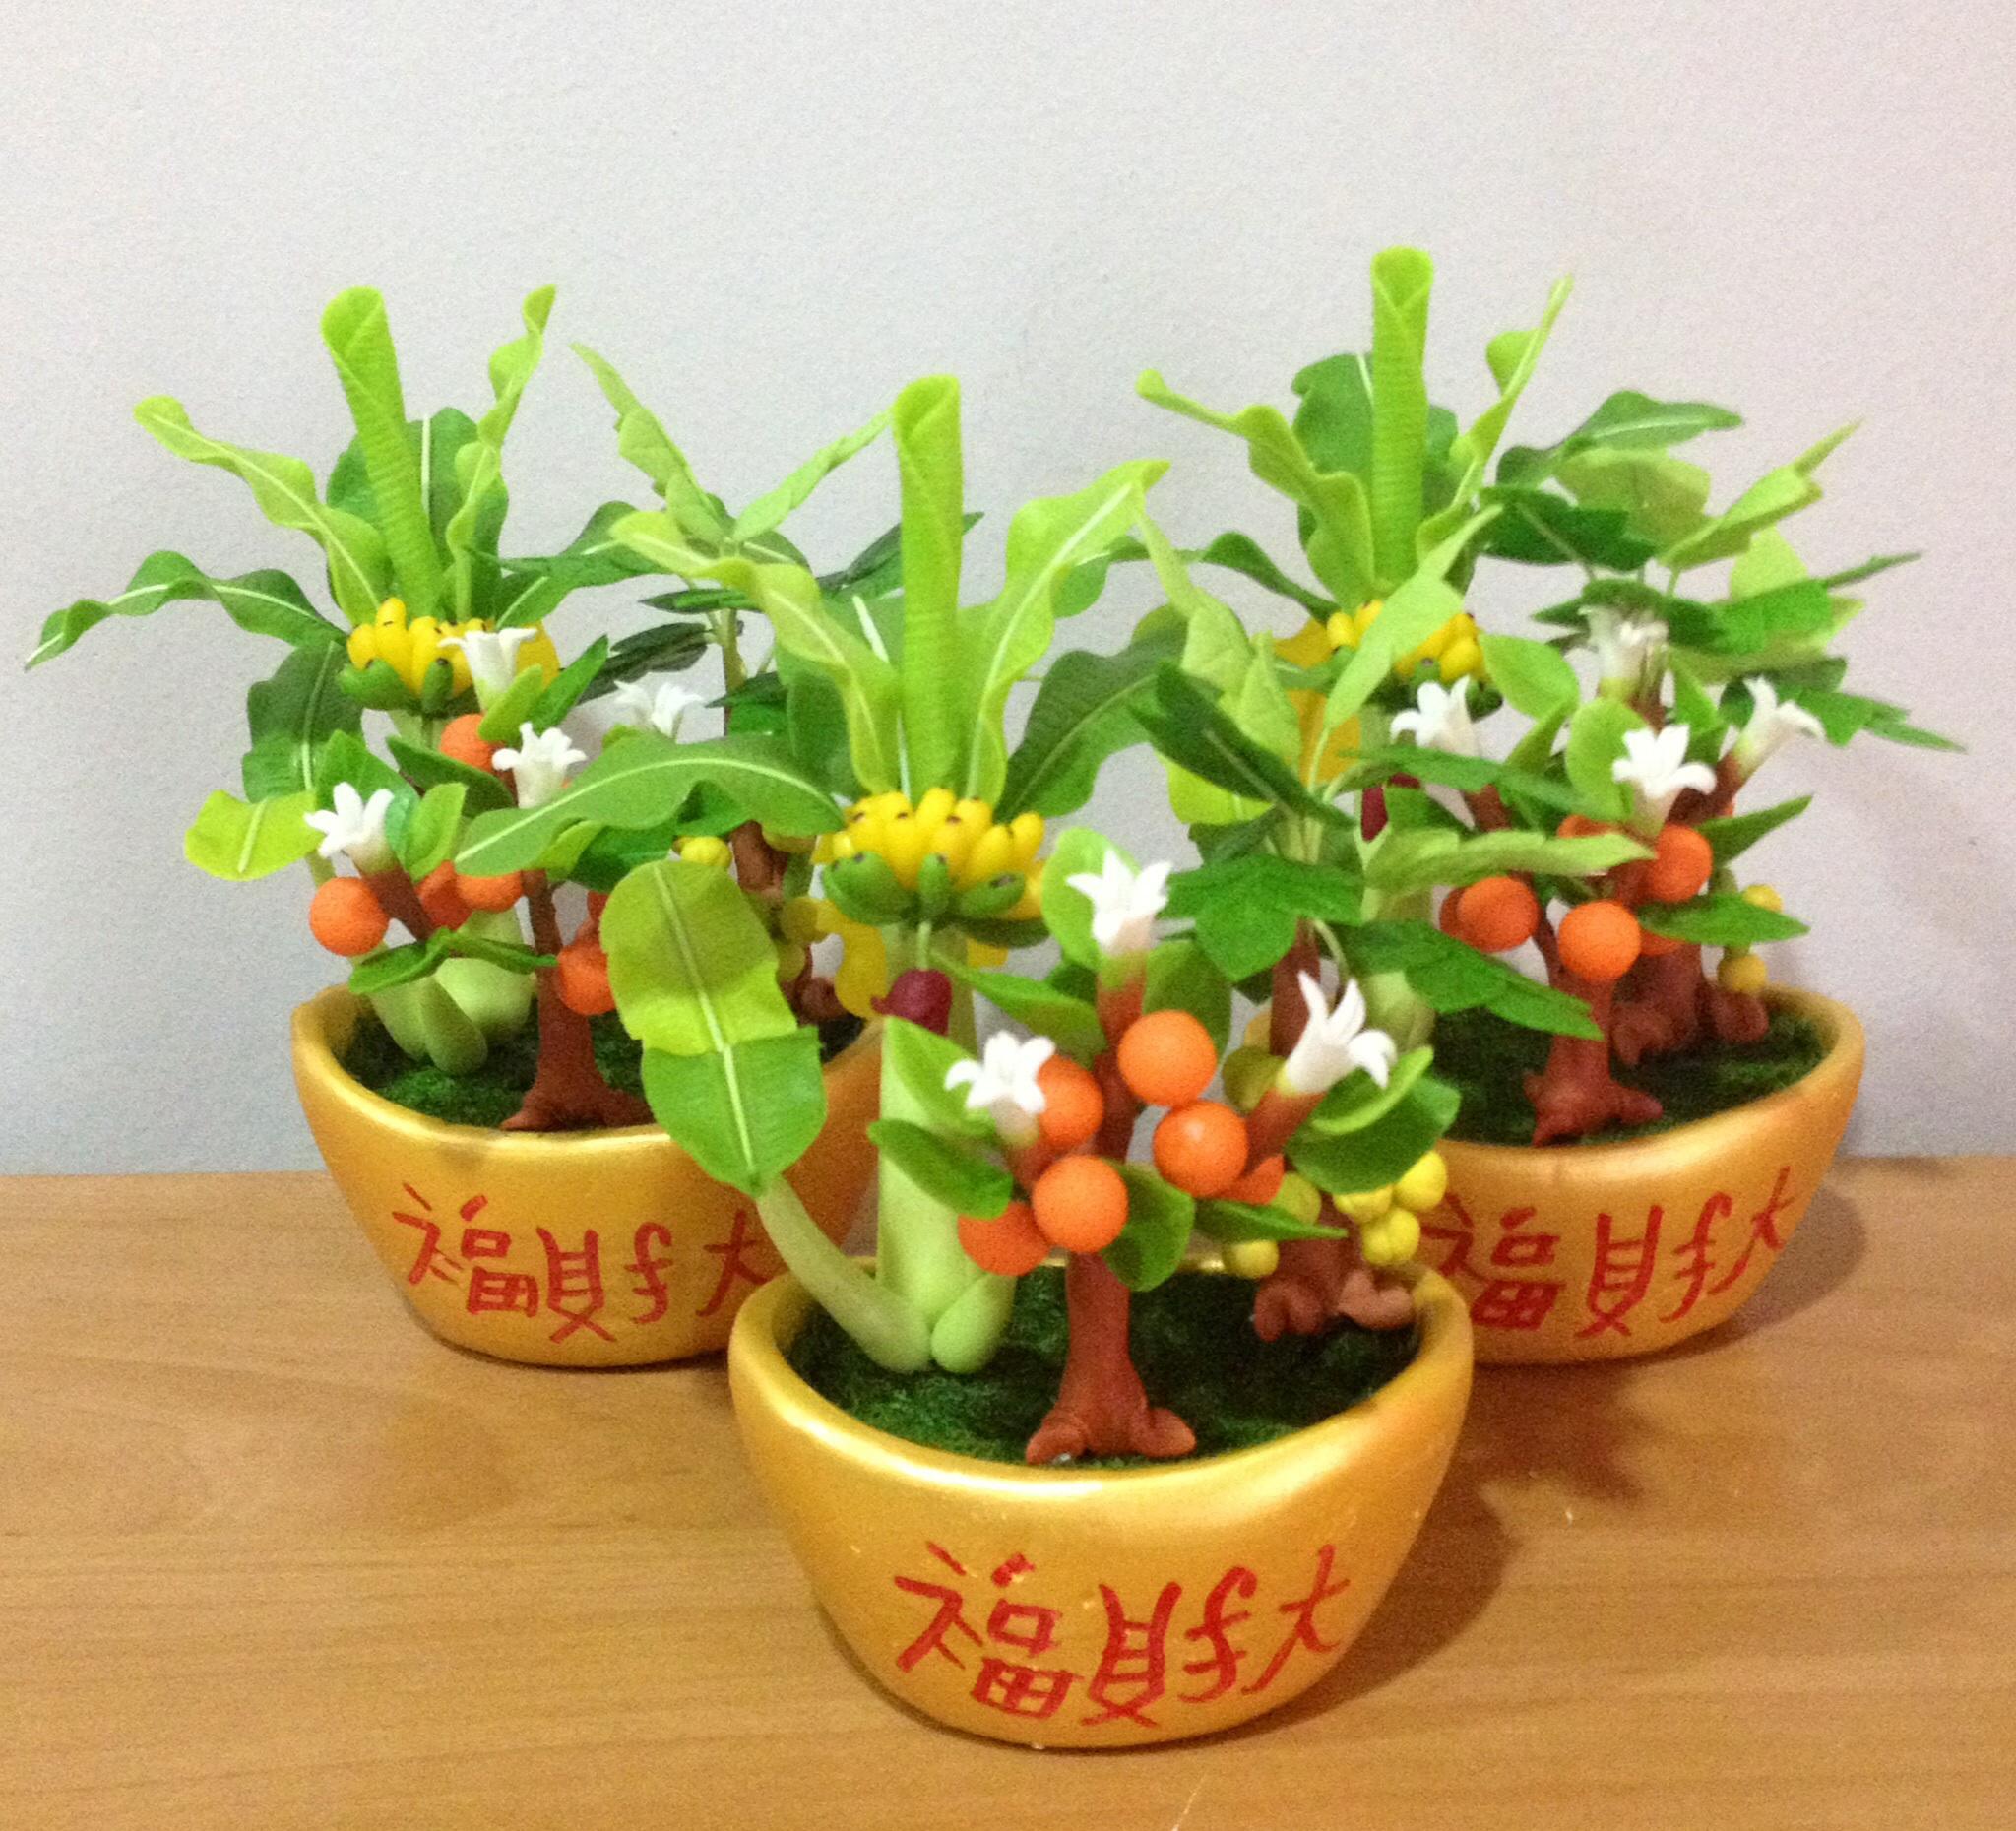 C004-สวนต้นไม้มงคล ไซร์ 3 นิ้ว กล้วย มะยม ส้ม